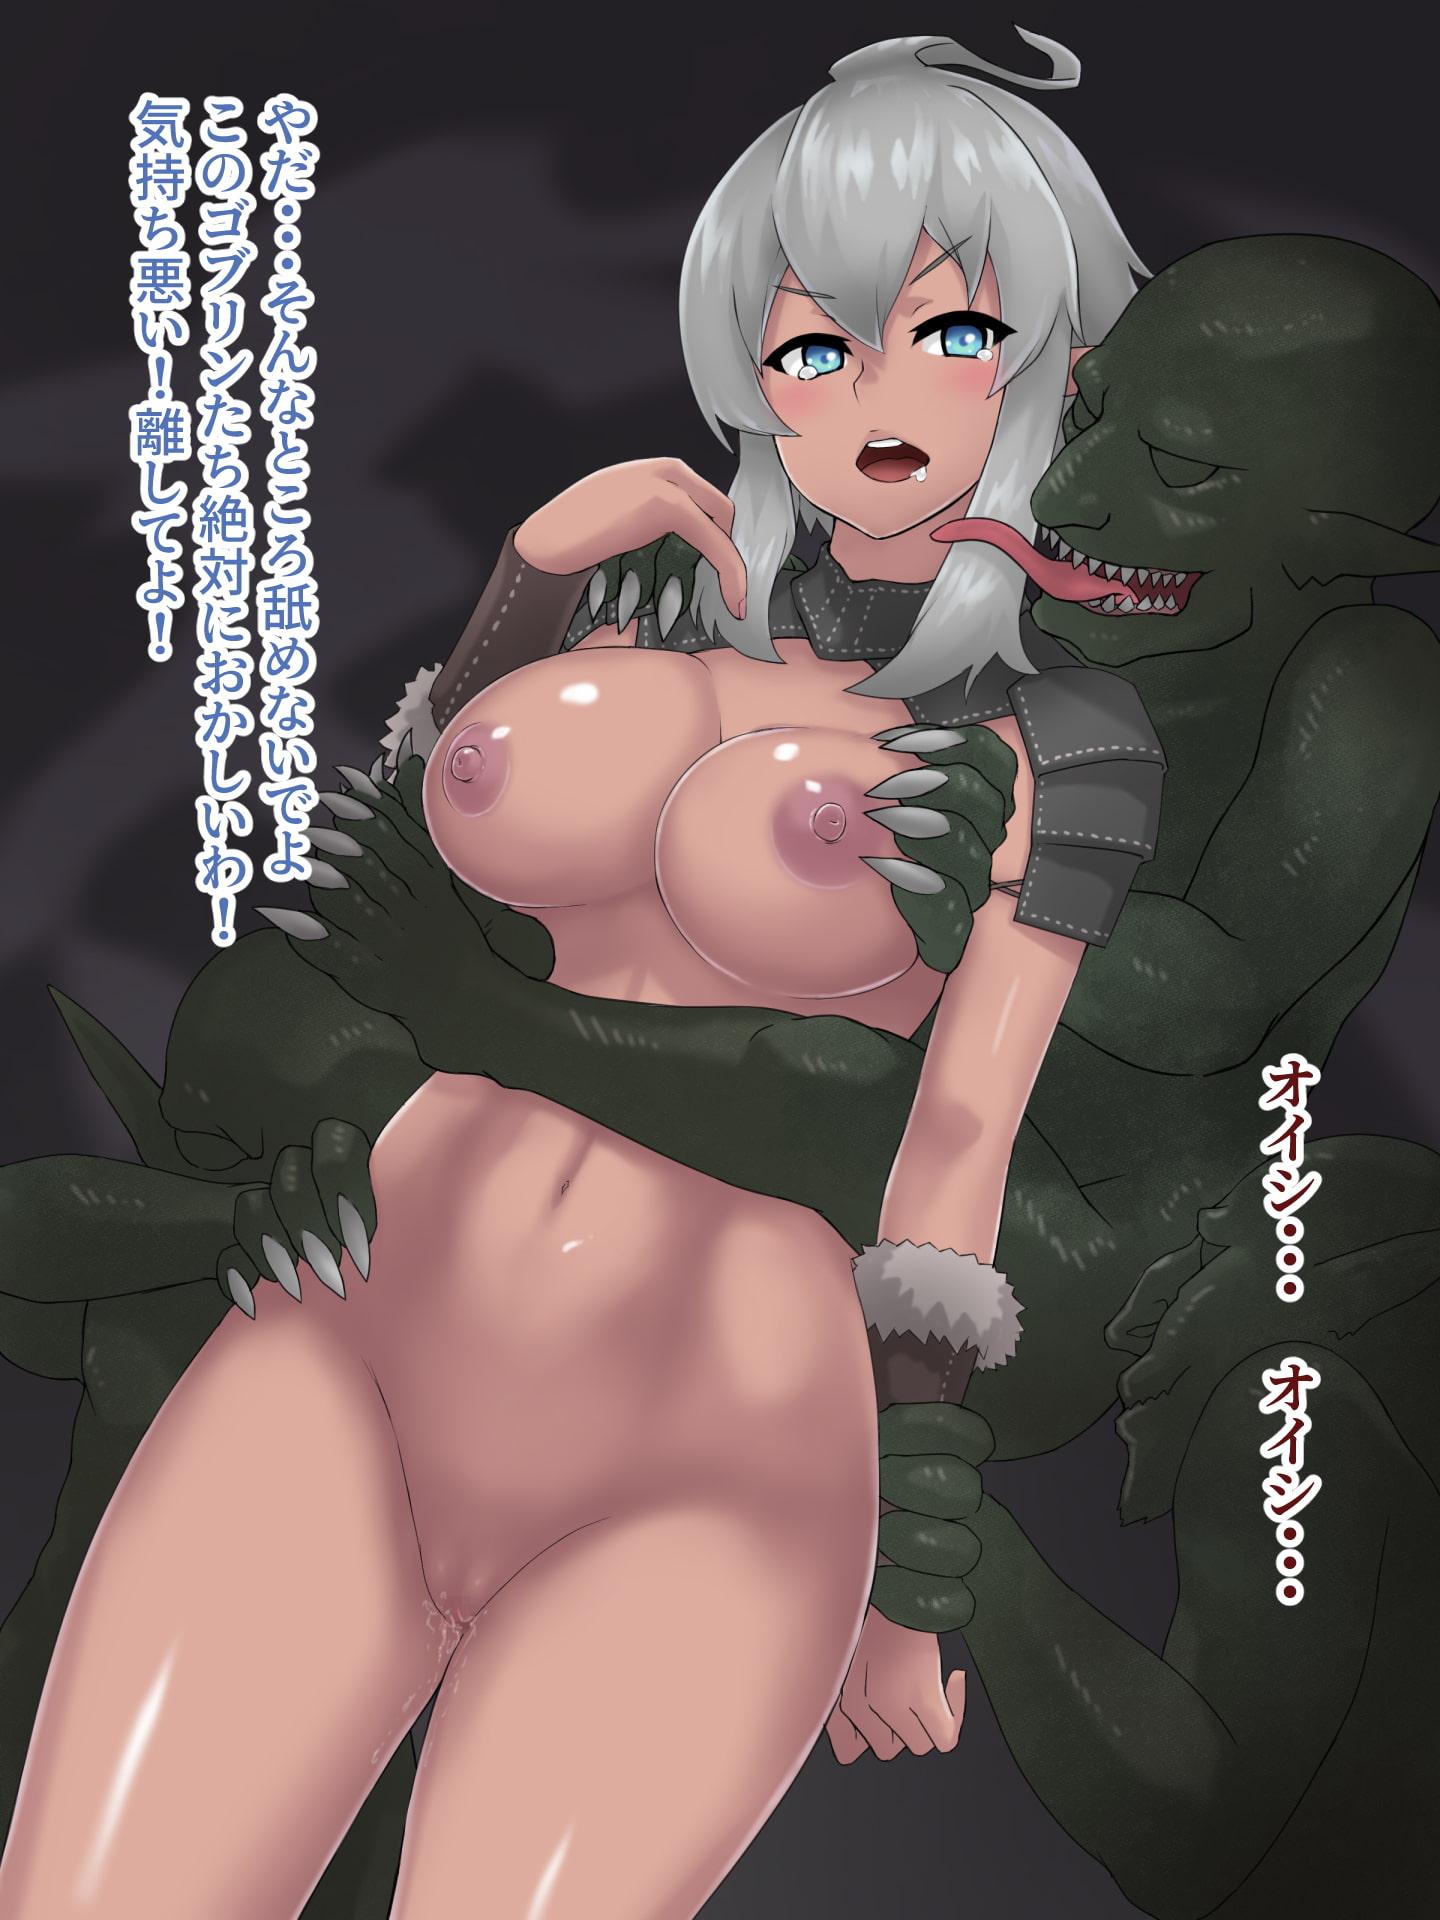 褐色エルフちゃんの冒険~ゴブリン達に犯されて~(ミニCG集)